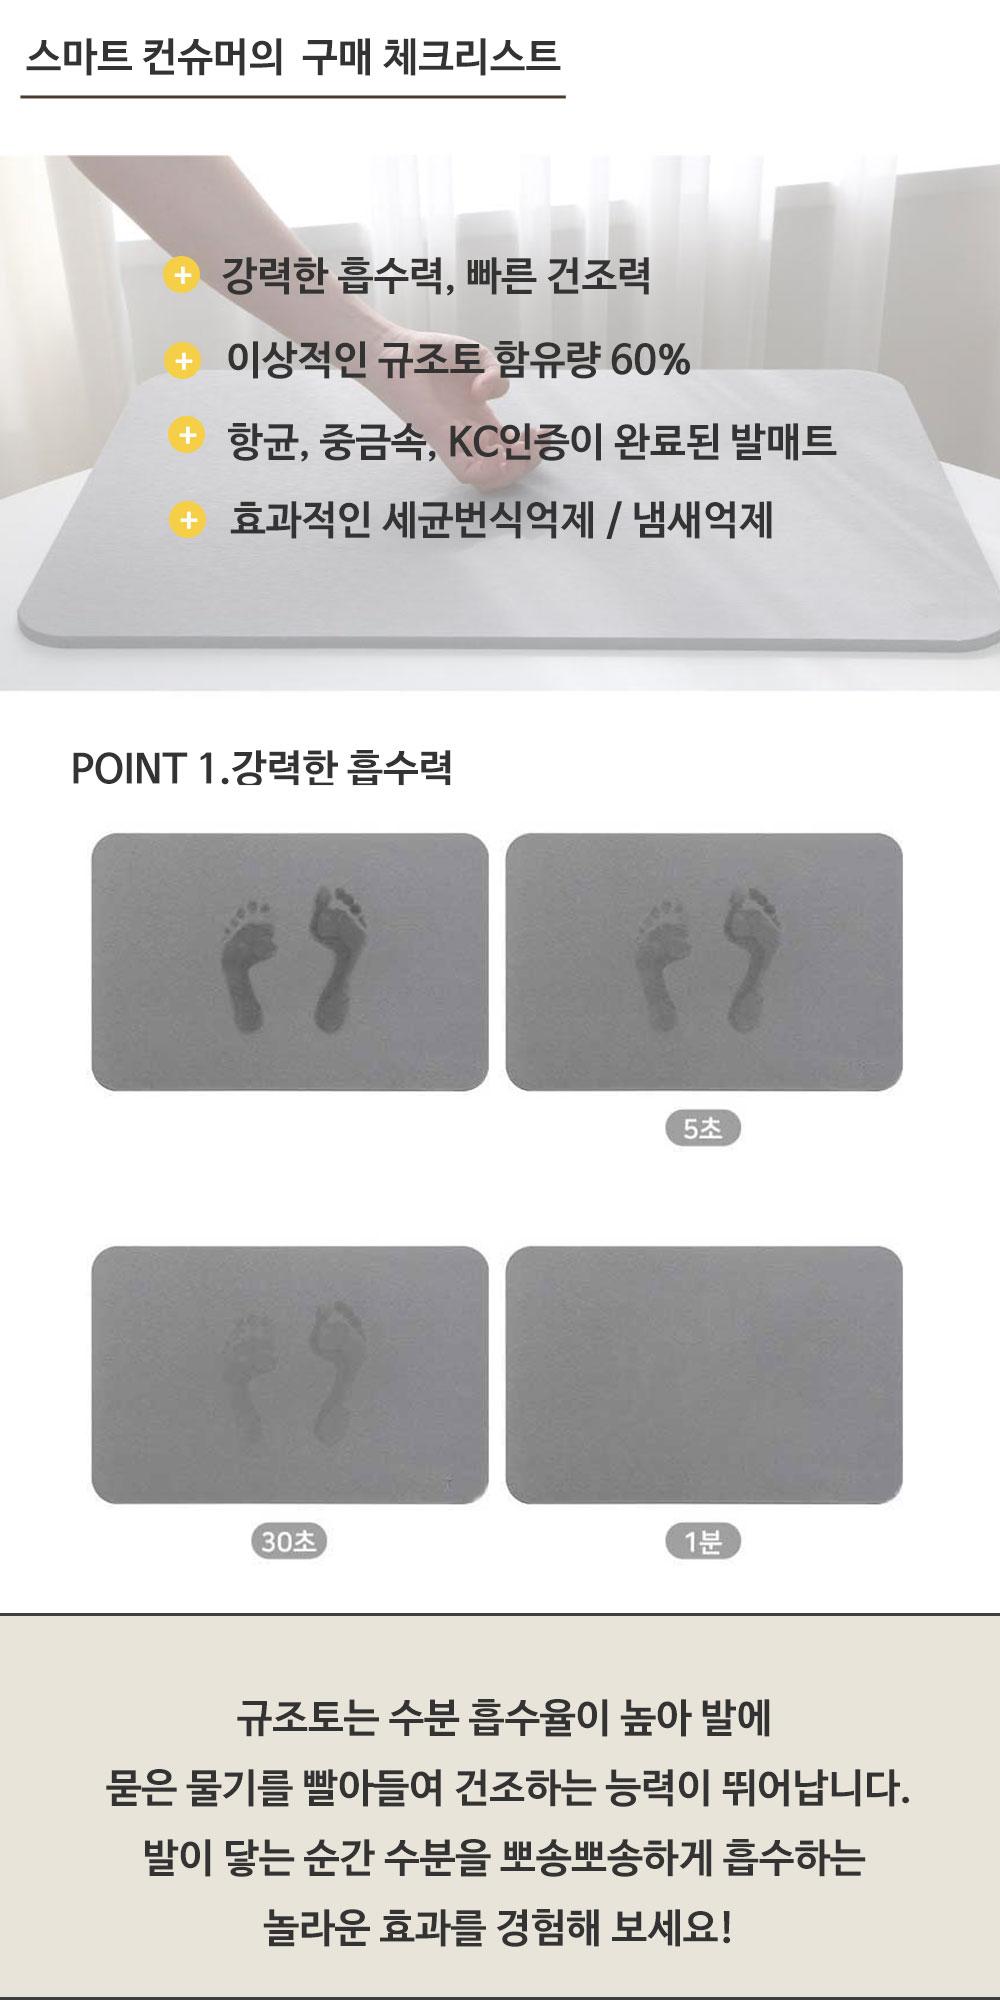 02_point_1.jpg